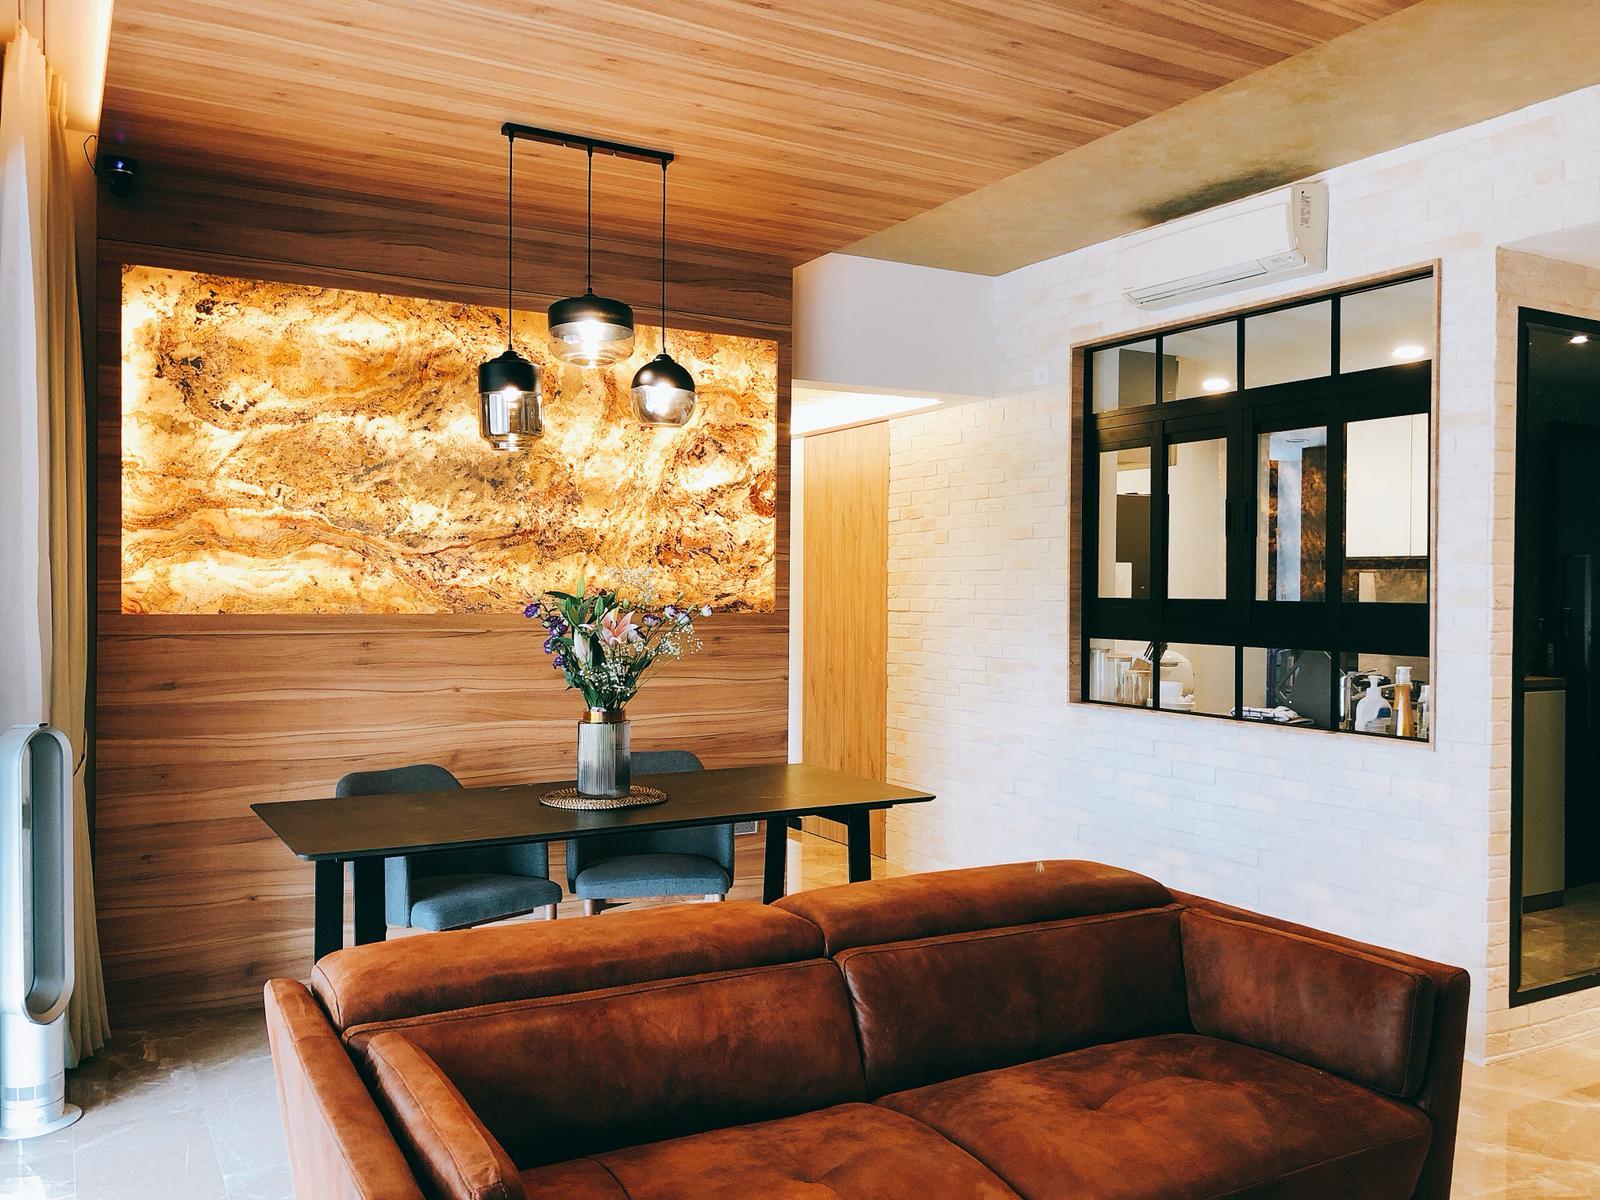 Jala 1800L x 800W, Samudree Black, Flat Bar, 75 x 9 (2)